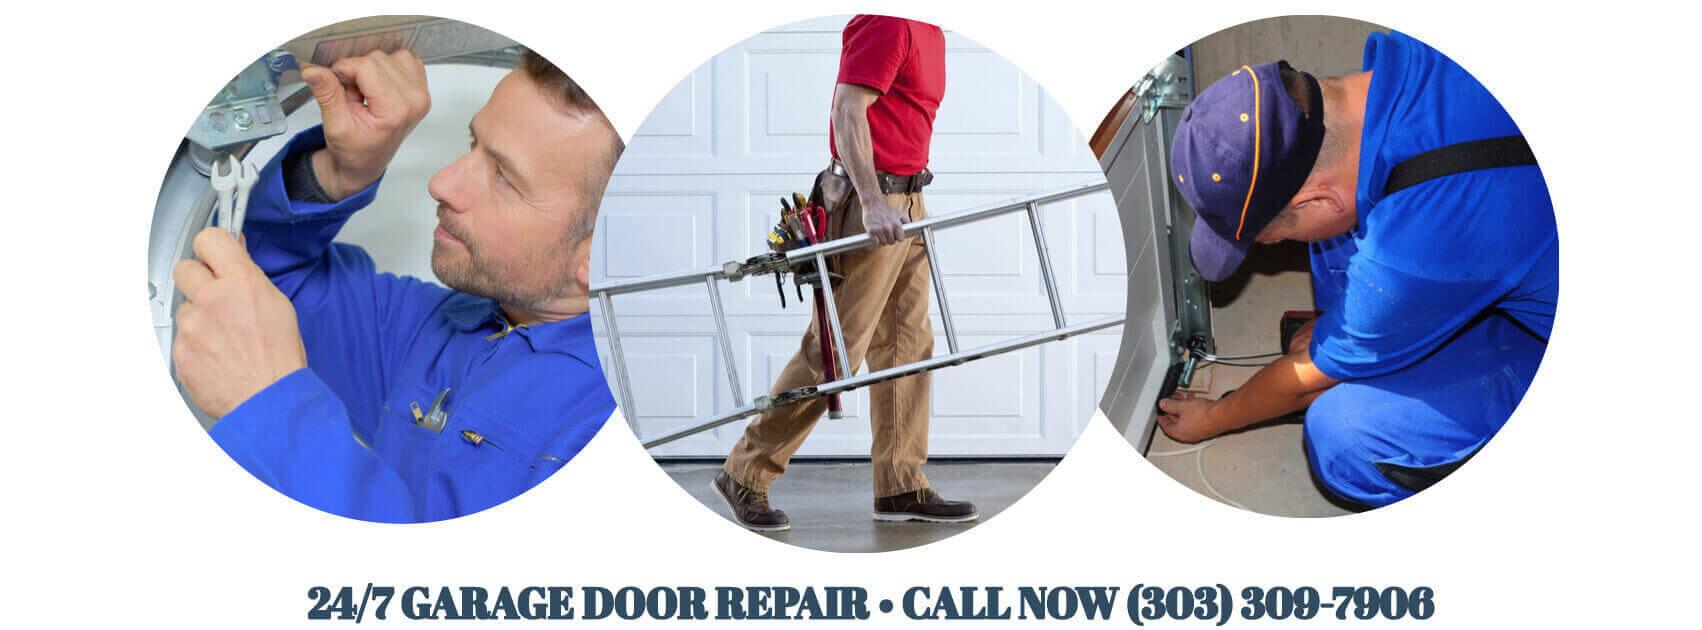 Garage Door Repair - Denver Experts